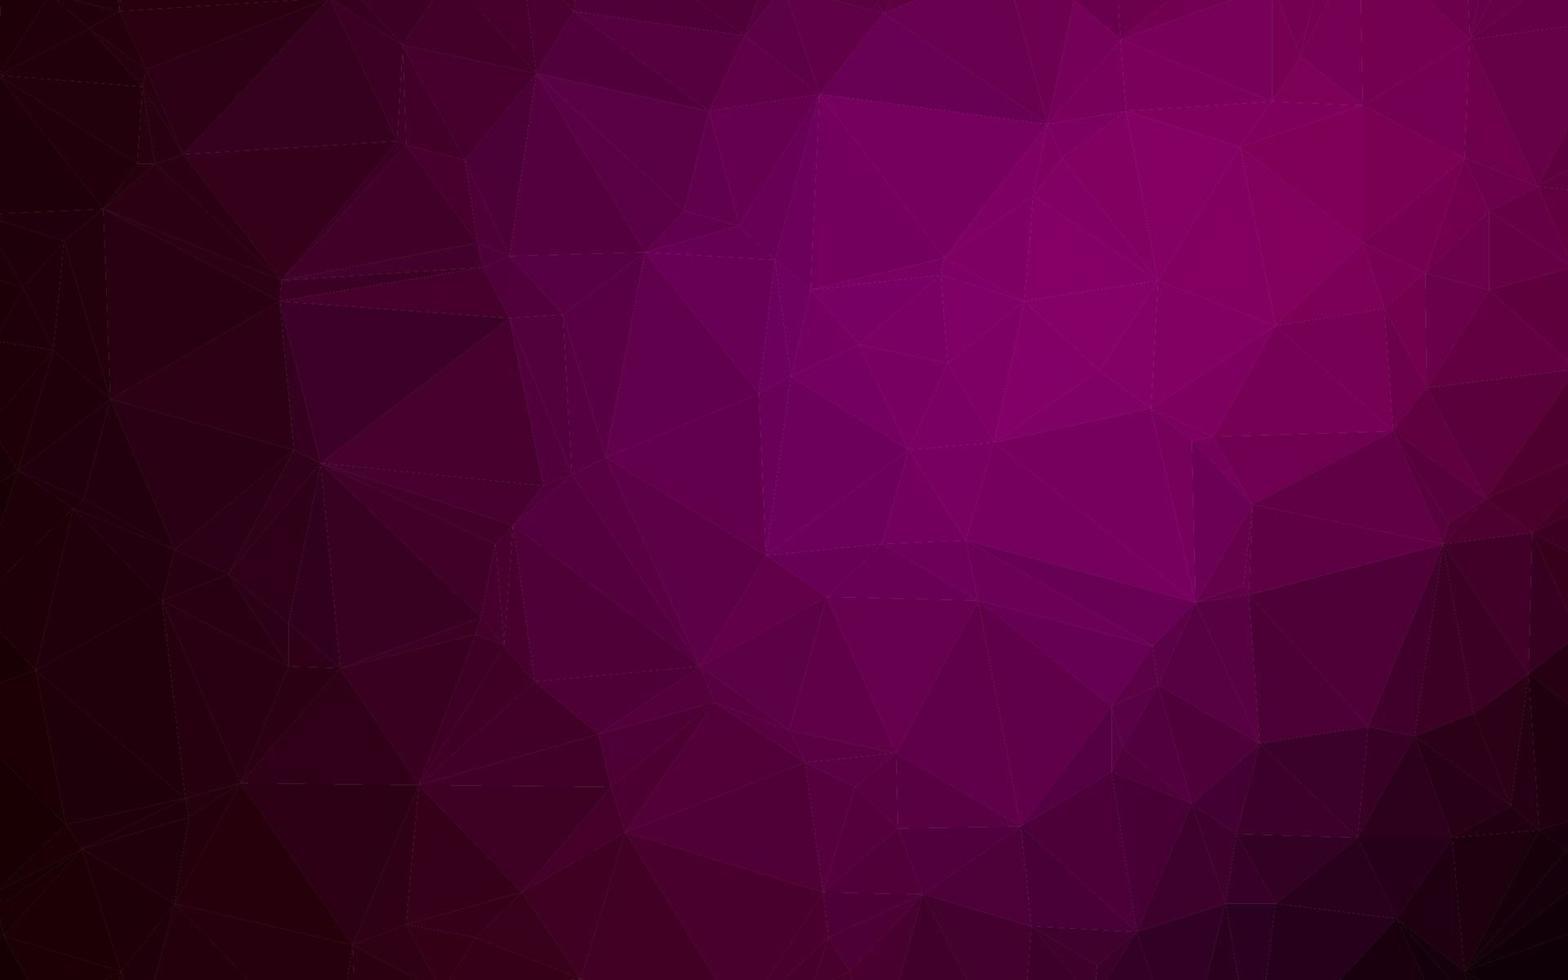 padrão de mosaico abstrato vetor roxo escuro.